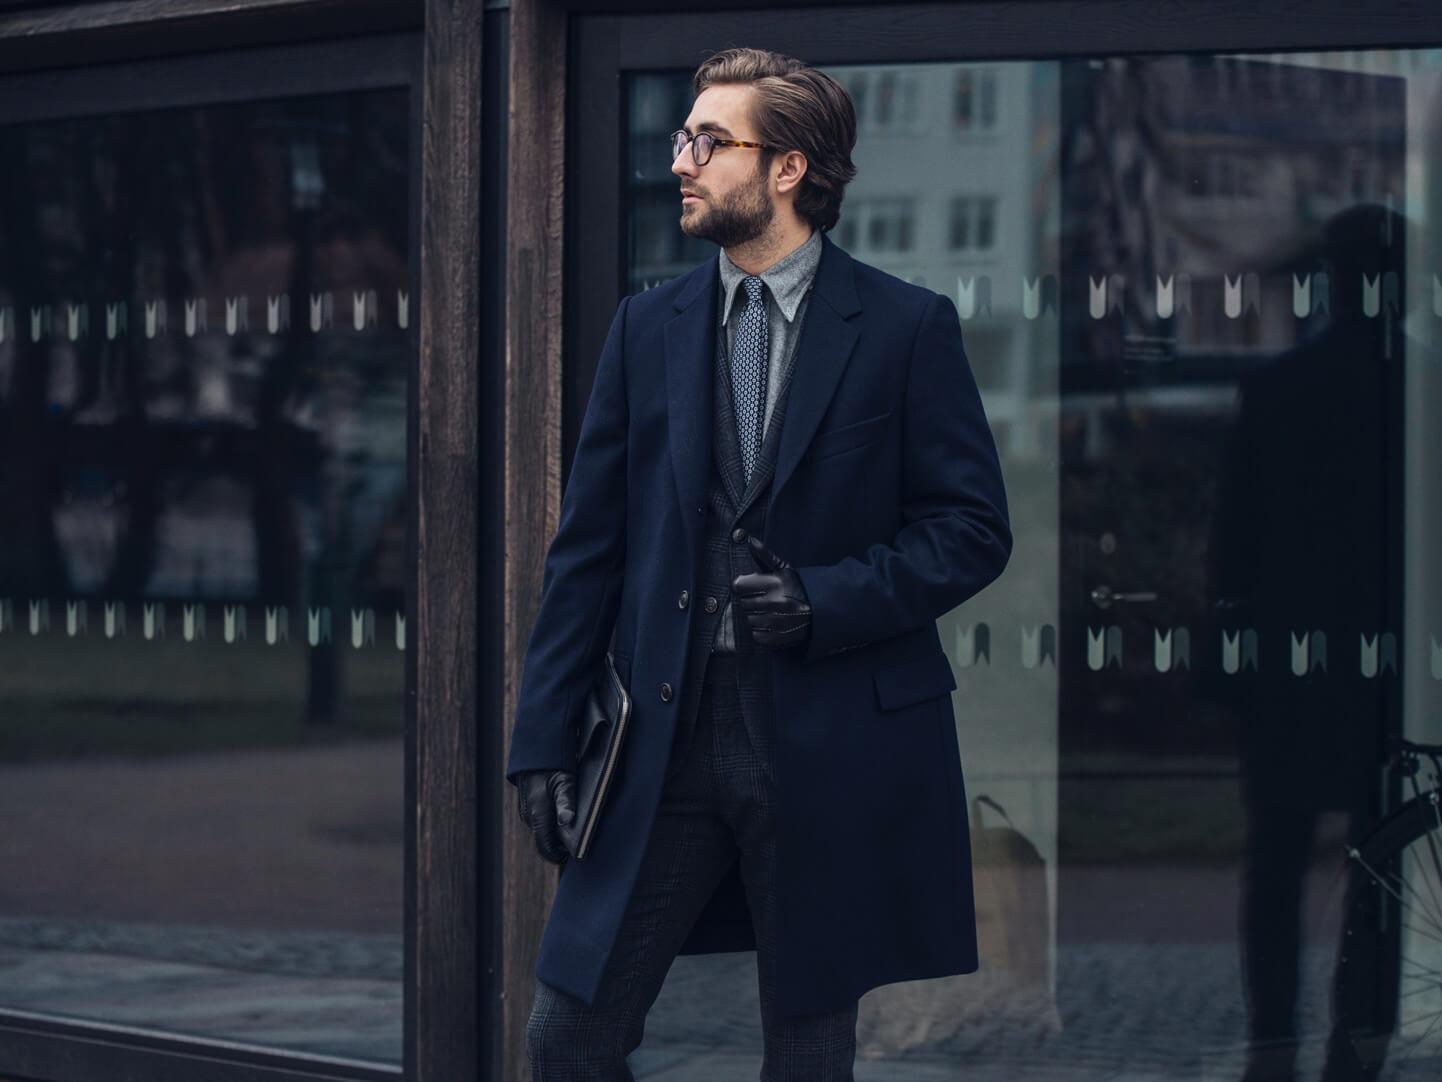 Veckans Klädval - Inspiration till klädvalet i Carl Magazine b484016633ae0